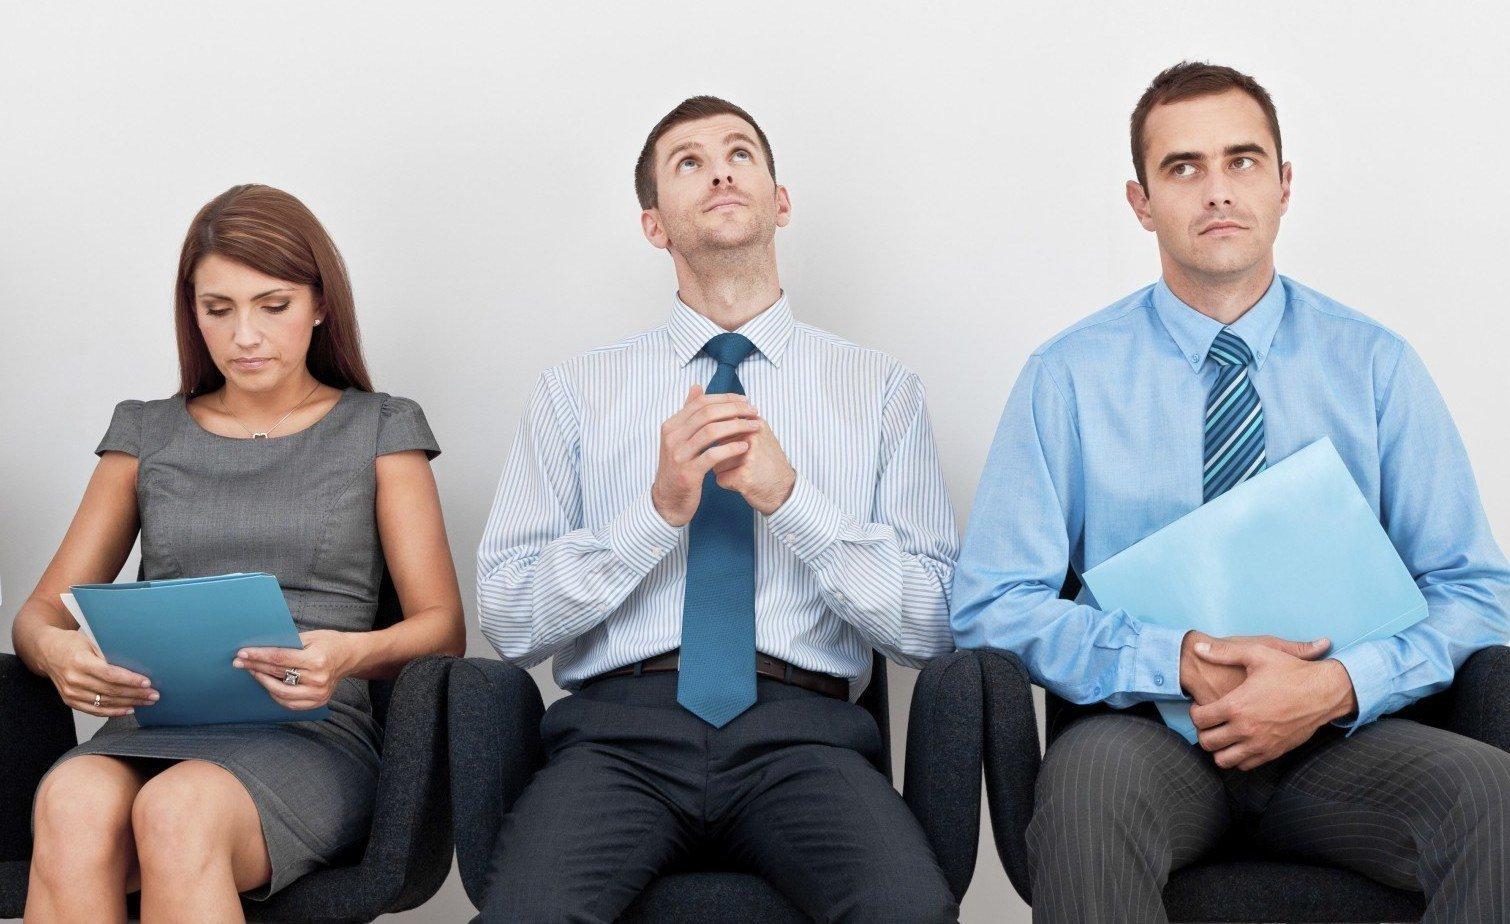 5 sposobów na pokonanie stresu podczas ważnych spotkań rozmowa kwalifikacyjna rozmowa mediarun com